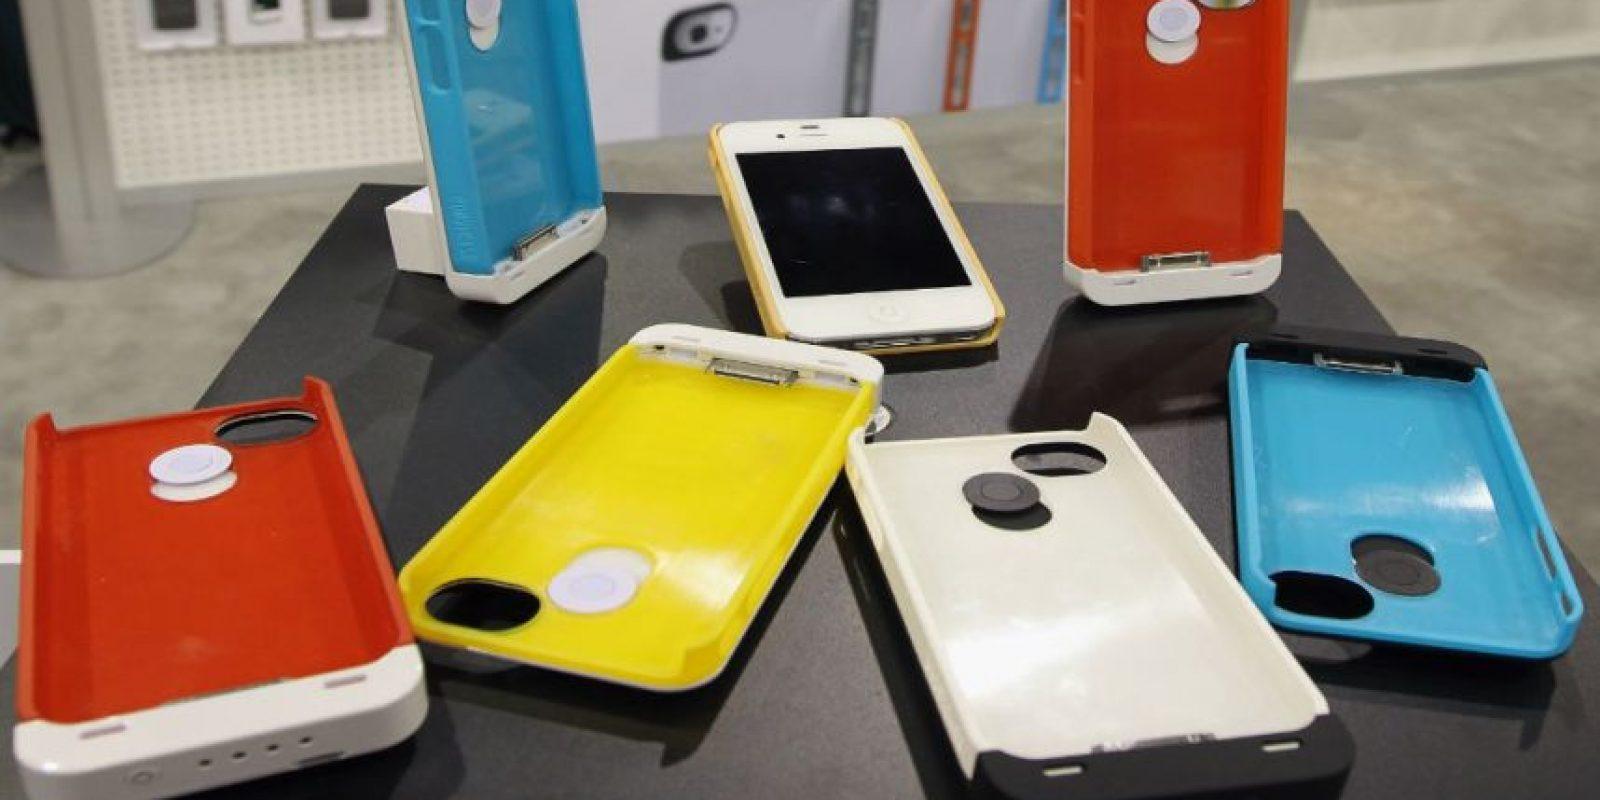 También hay carcazas especiales que recargan su iPhone. Foto:Getty Images